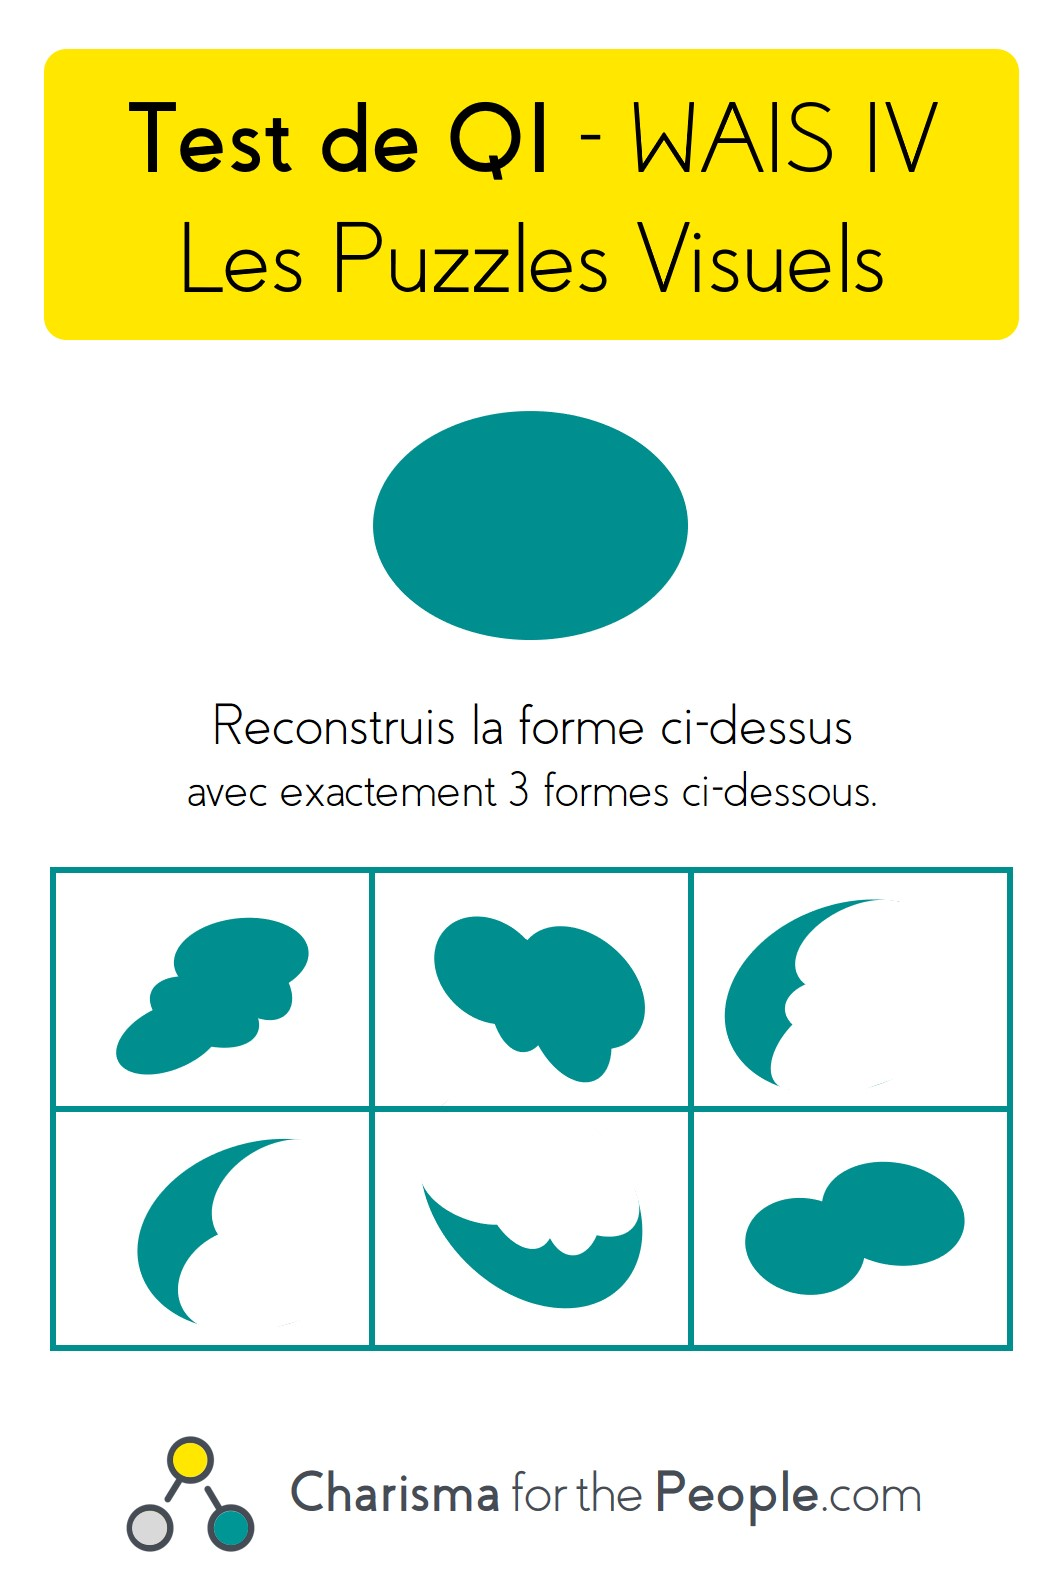 Test WAIS 4 - Test de QI - WAIS 4 - L'épreuve des Puzzles Visuels